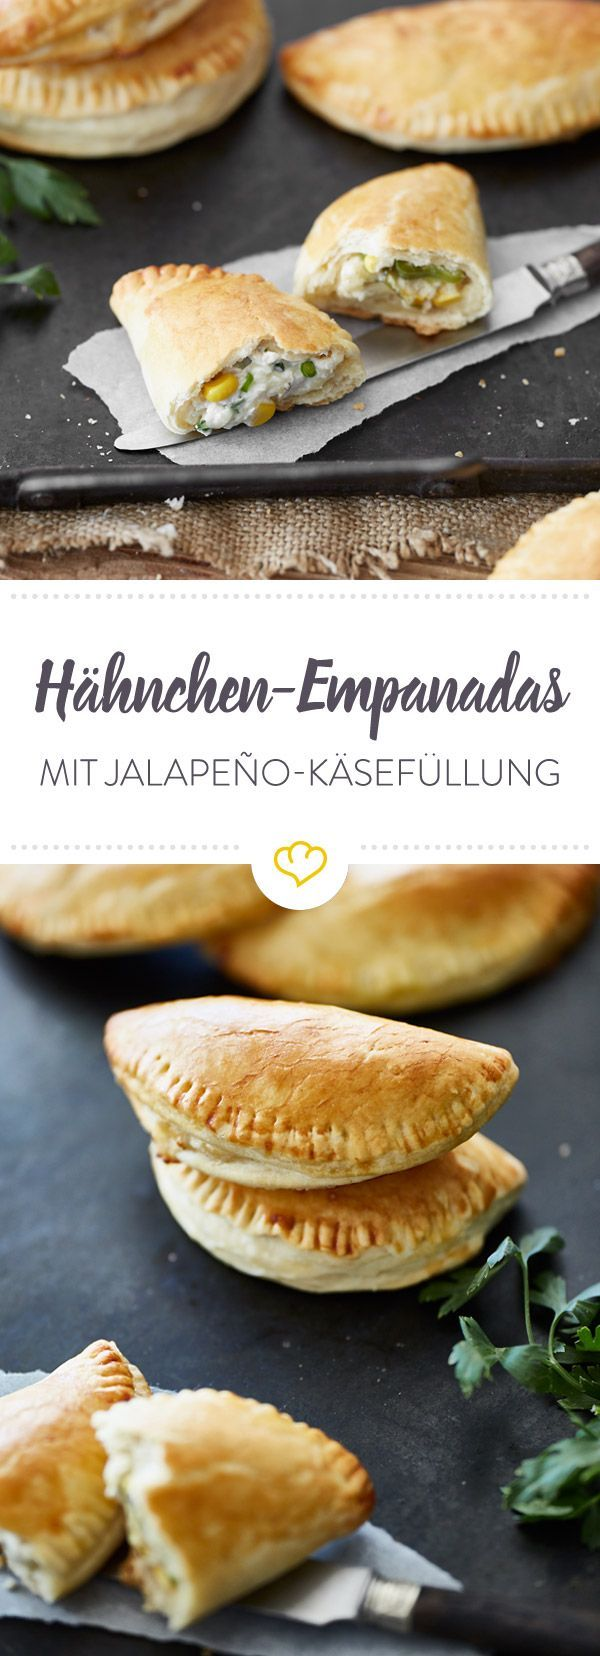 In den knusprigen Empanadas steckt jede Menge südamerikanisches Temperament. Wonach das schmeckt? Nach feurigen Jalapeños, Hähnchen, Mais und cremigem Käse.